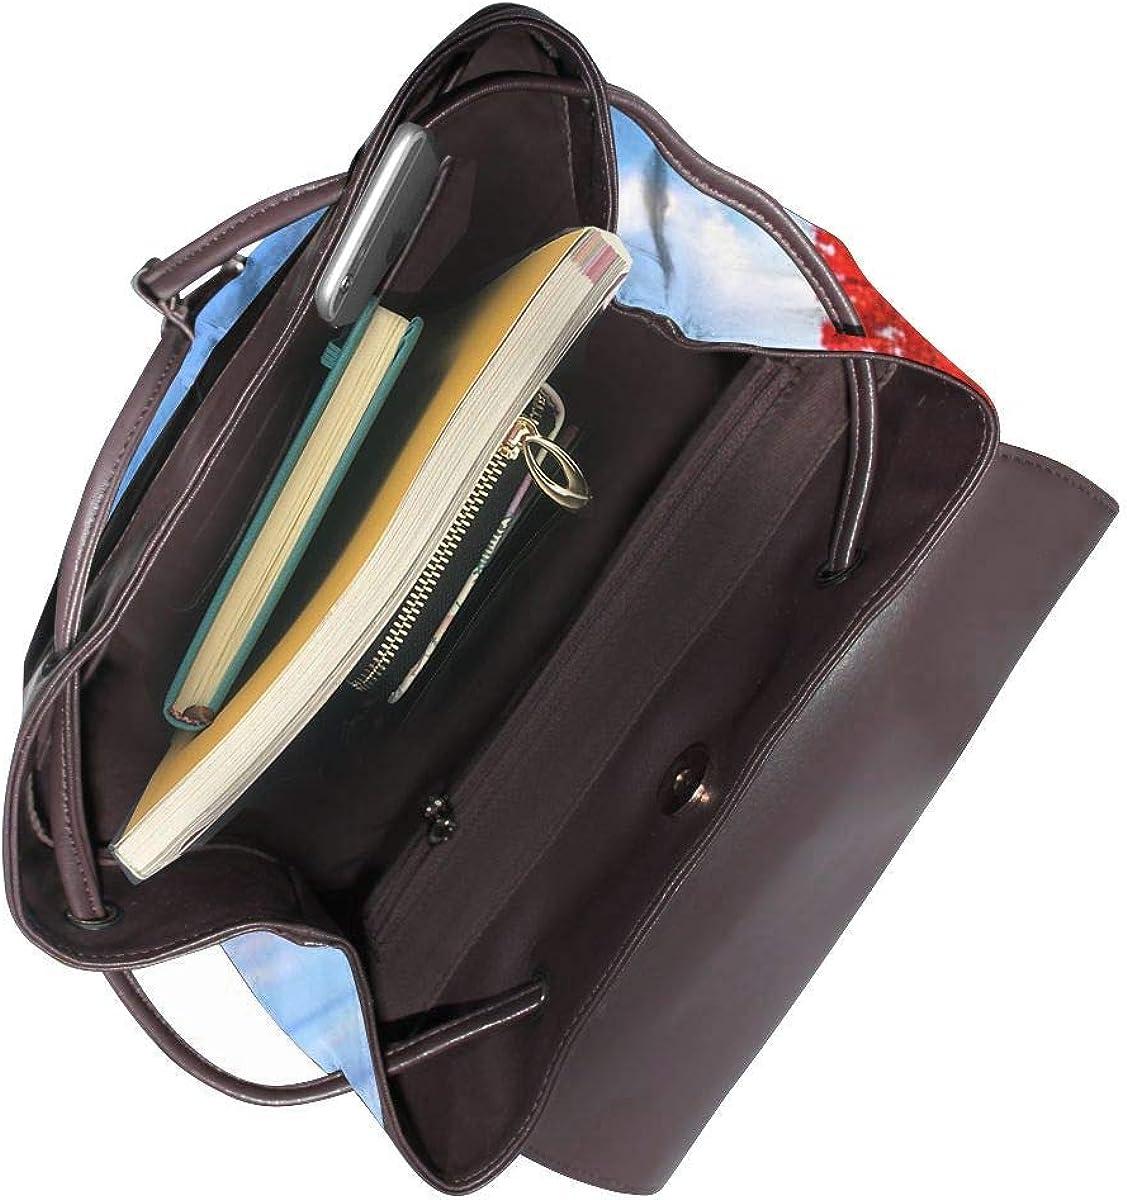 Zaino Donna Vera Pelle Albero di campagna autunnale, Borsa Da Viaggio a Grande Capacità, Borsa a Tracolla Lady Fashion Backpack Daypack Per Scuola Viaggio Lavoro 19